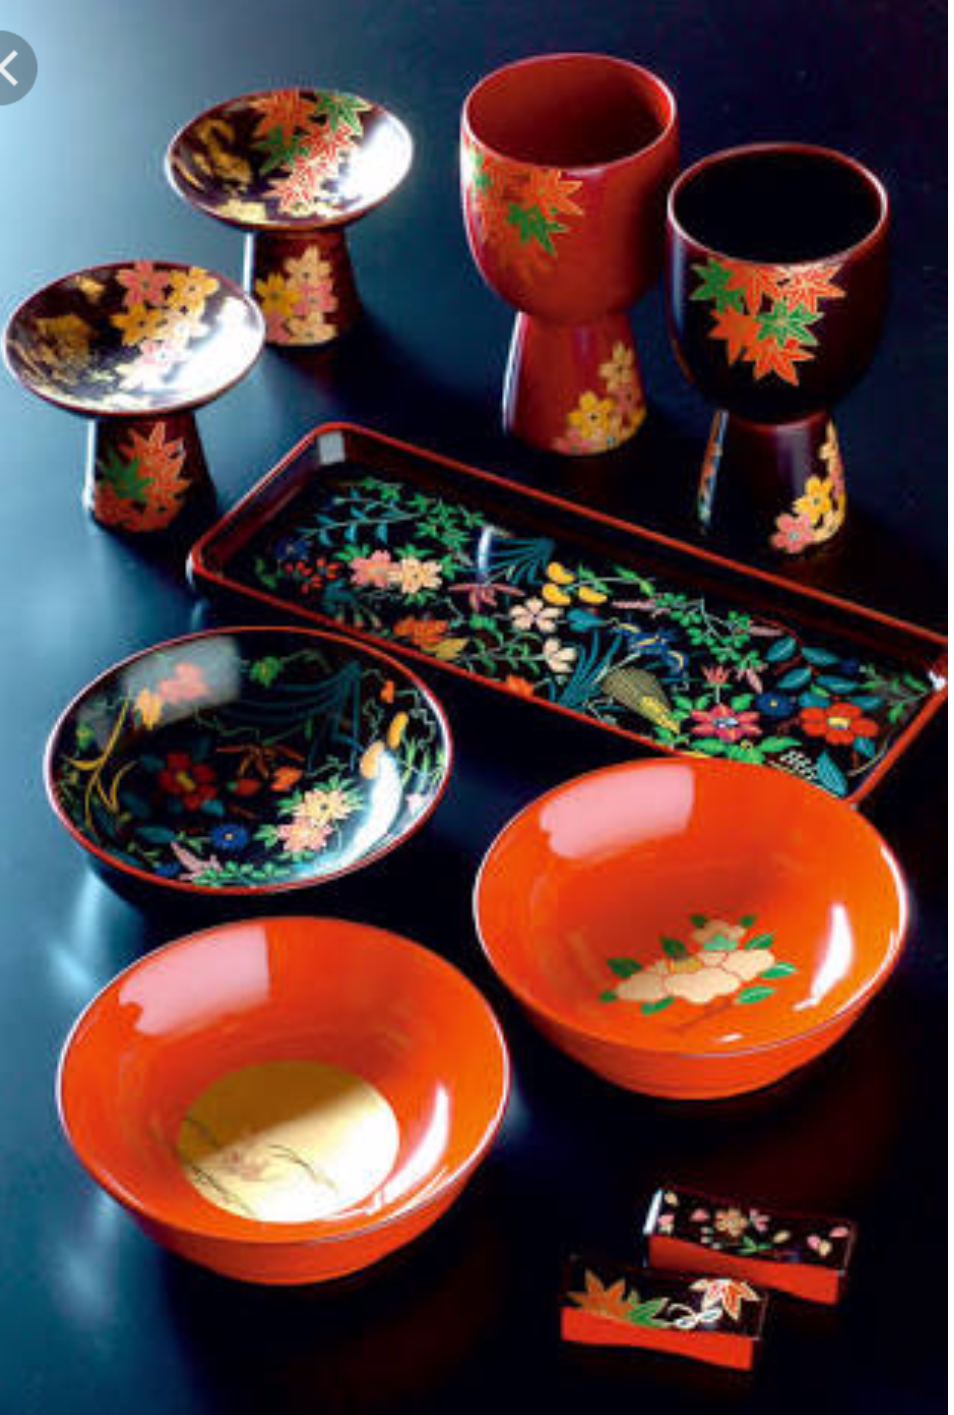 日本の伝統品について語ろう!!